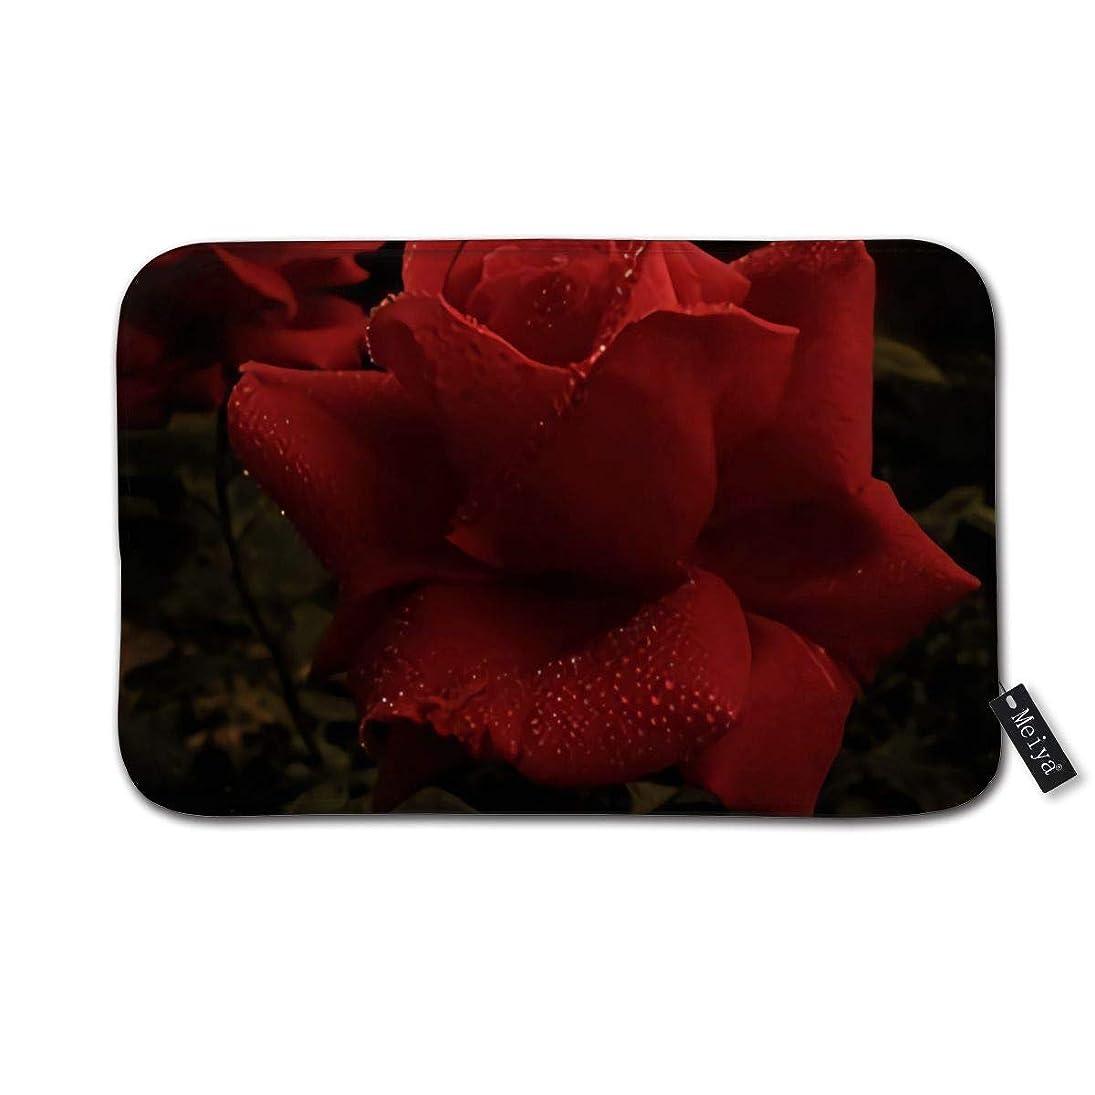 重要性常にガード赤いバラ BathMatすばらしい玄関マット屋内浴室マット足ふきマット 速乾 吸水 キッチン お風呂 ドア 滑り止め 40cm×60cm